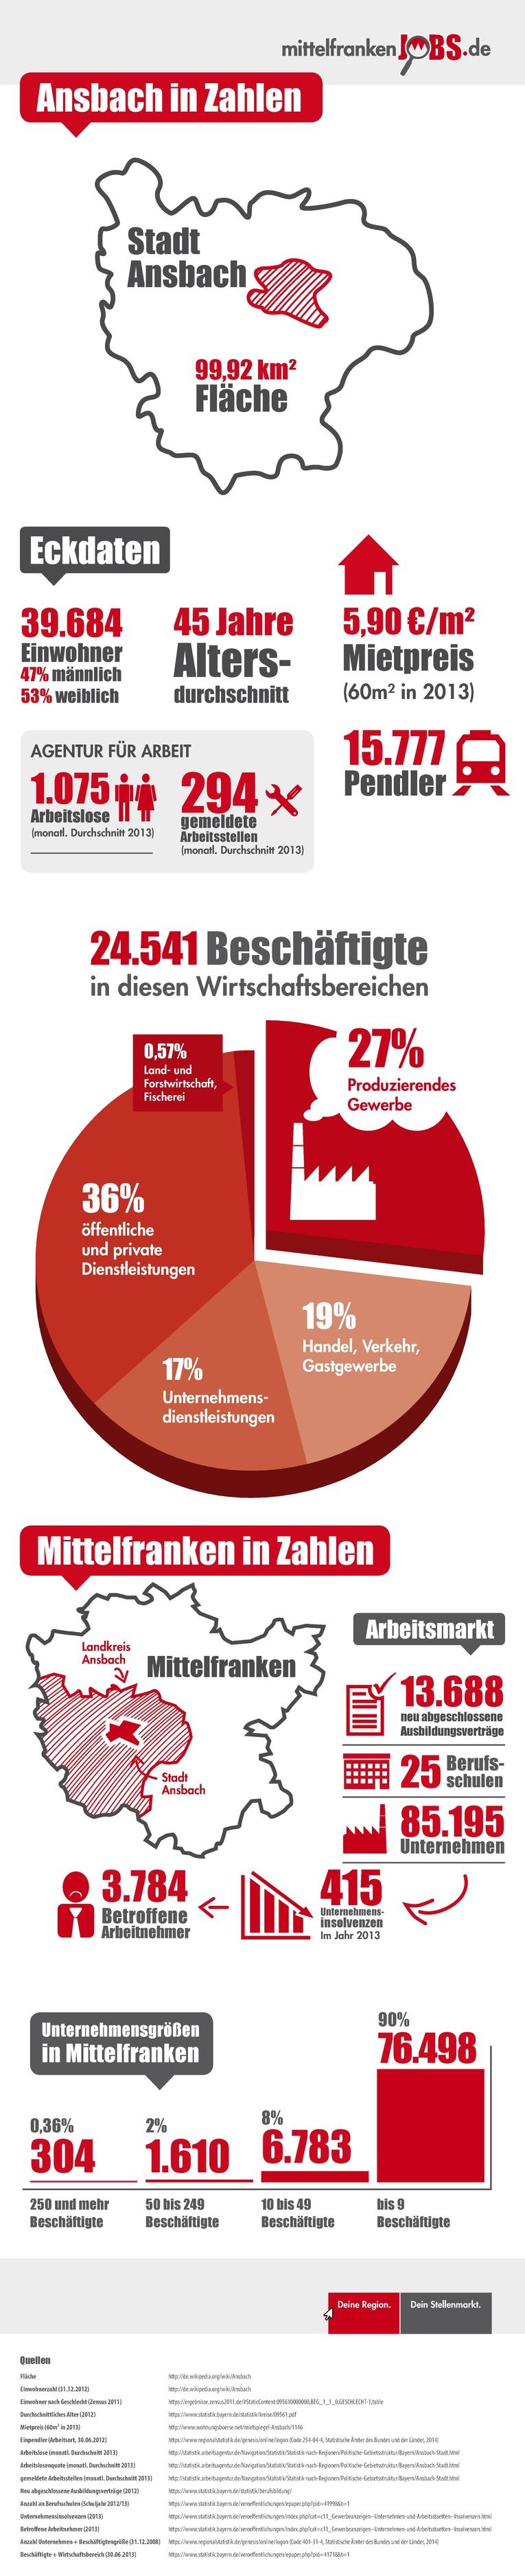 Infografik Ansbach